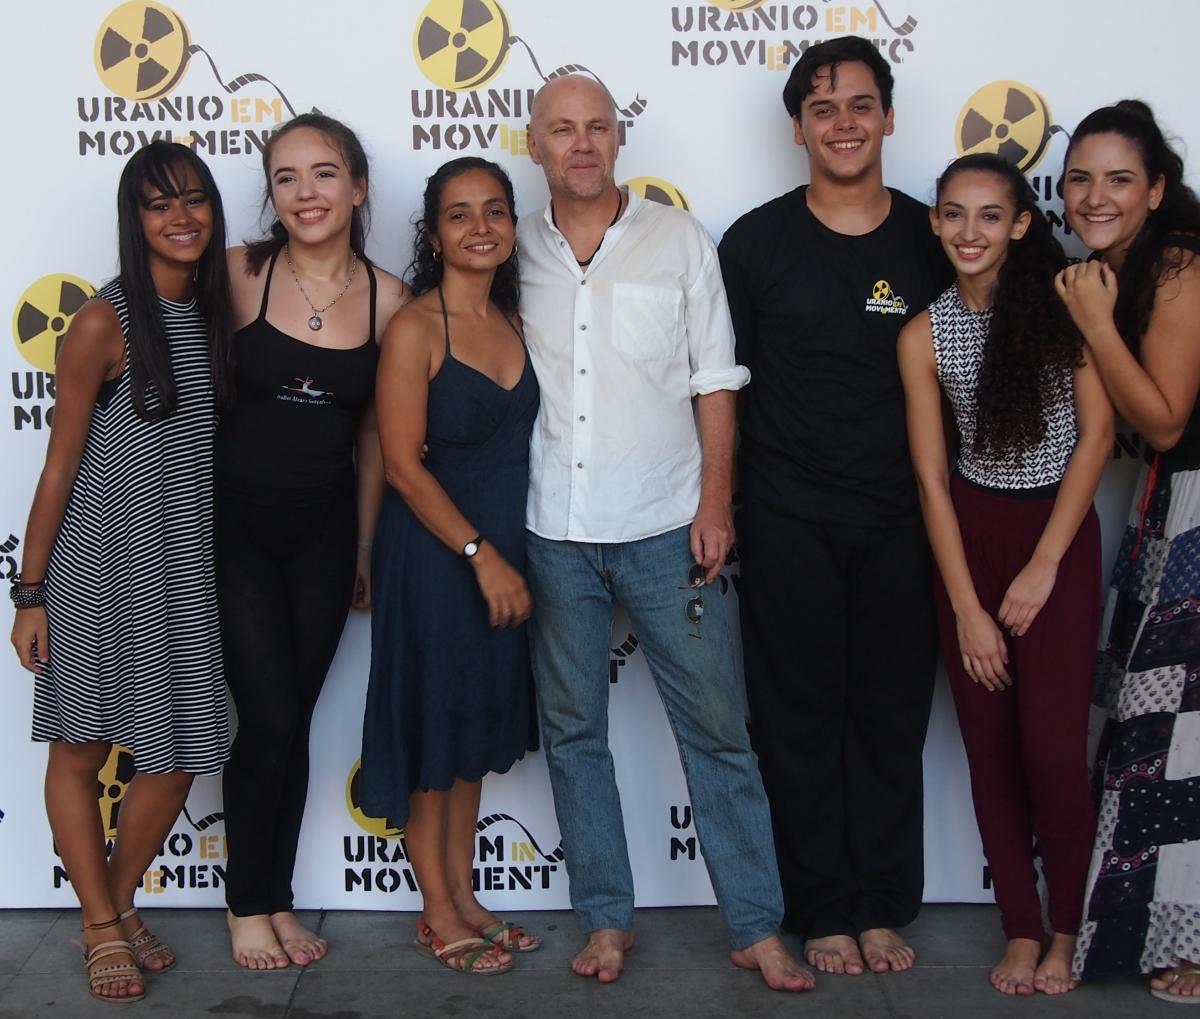 Uranium Film Festival Rio Volunteers and directors